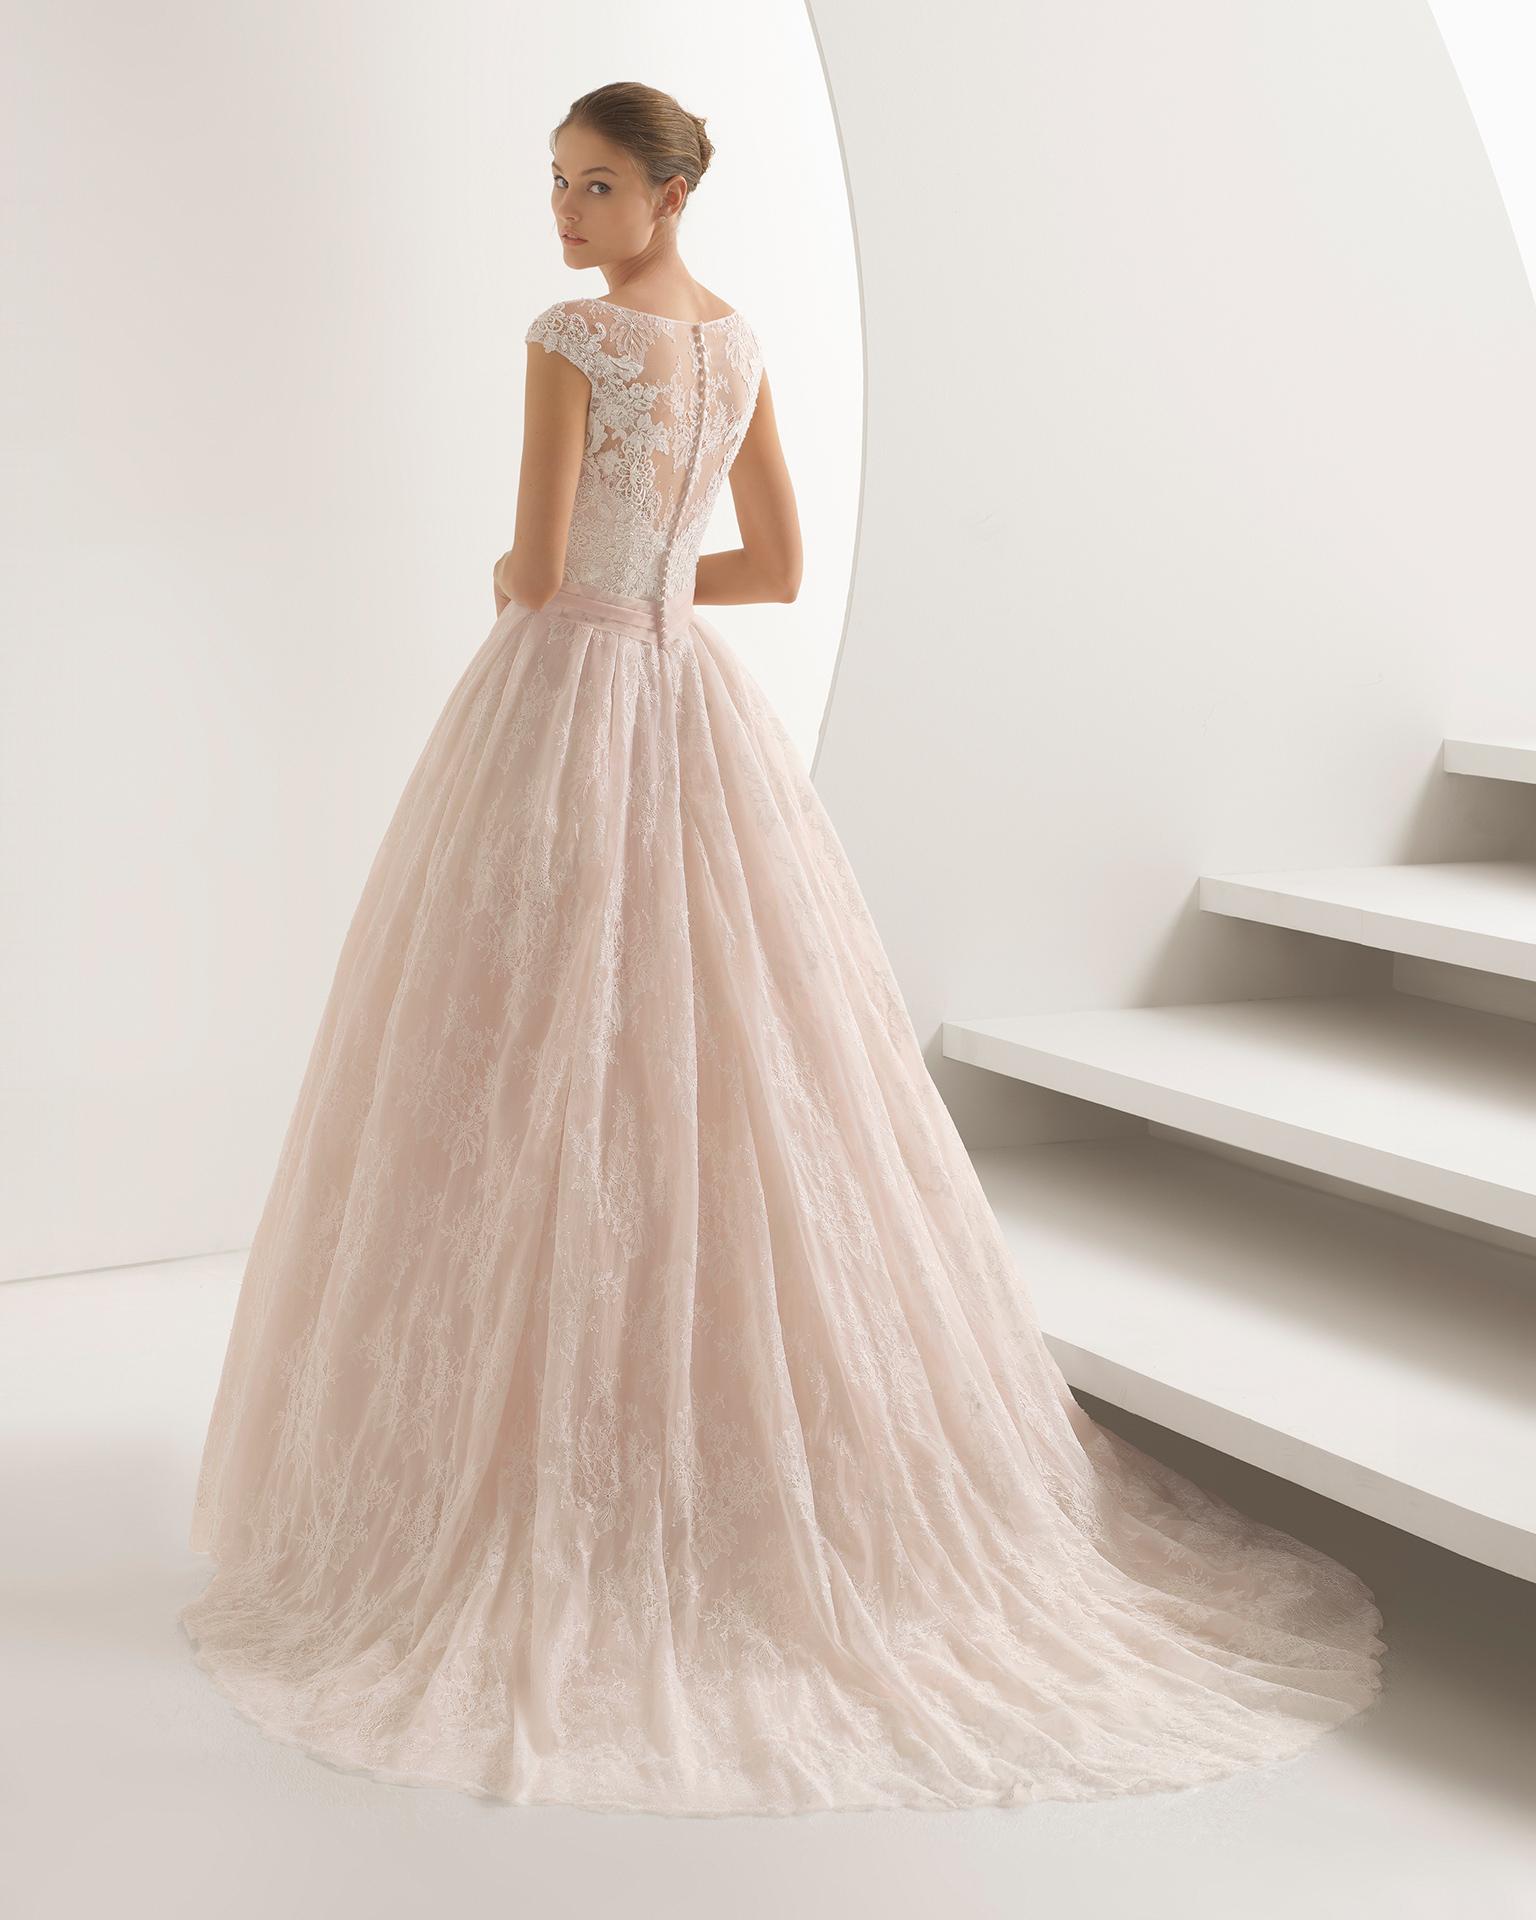 AMANDA - 2018 Bridal Collection. Rosa Clará Collection